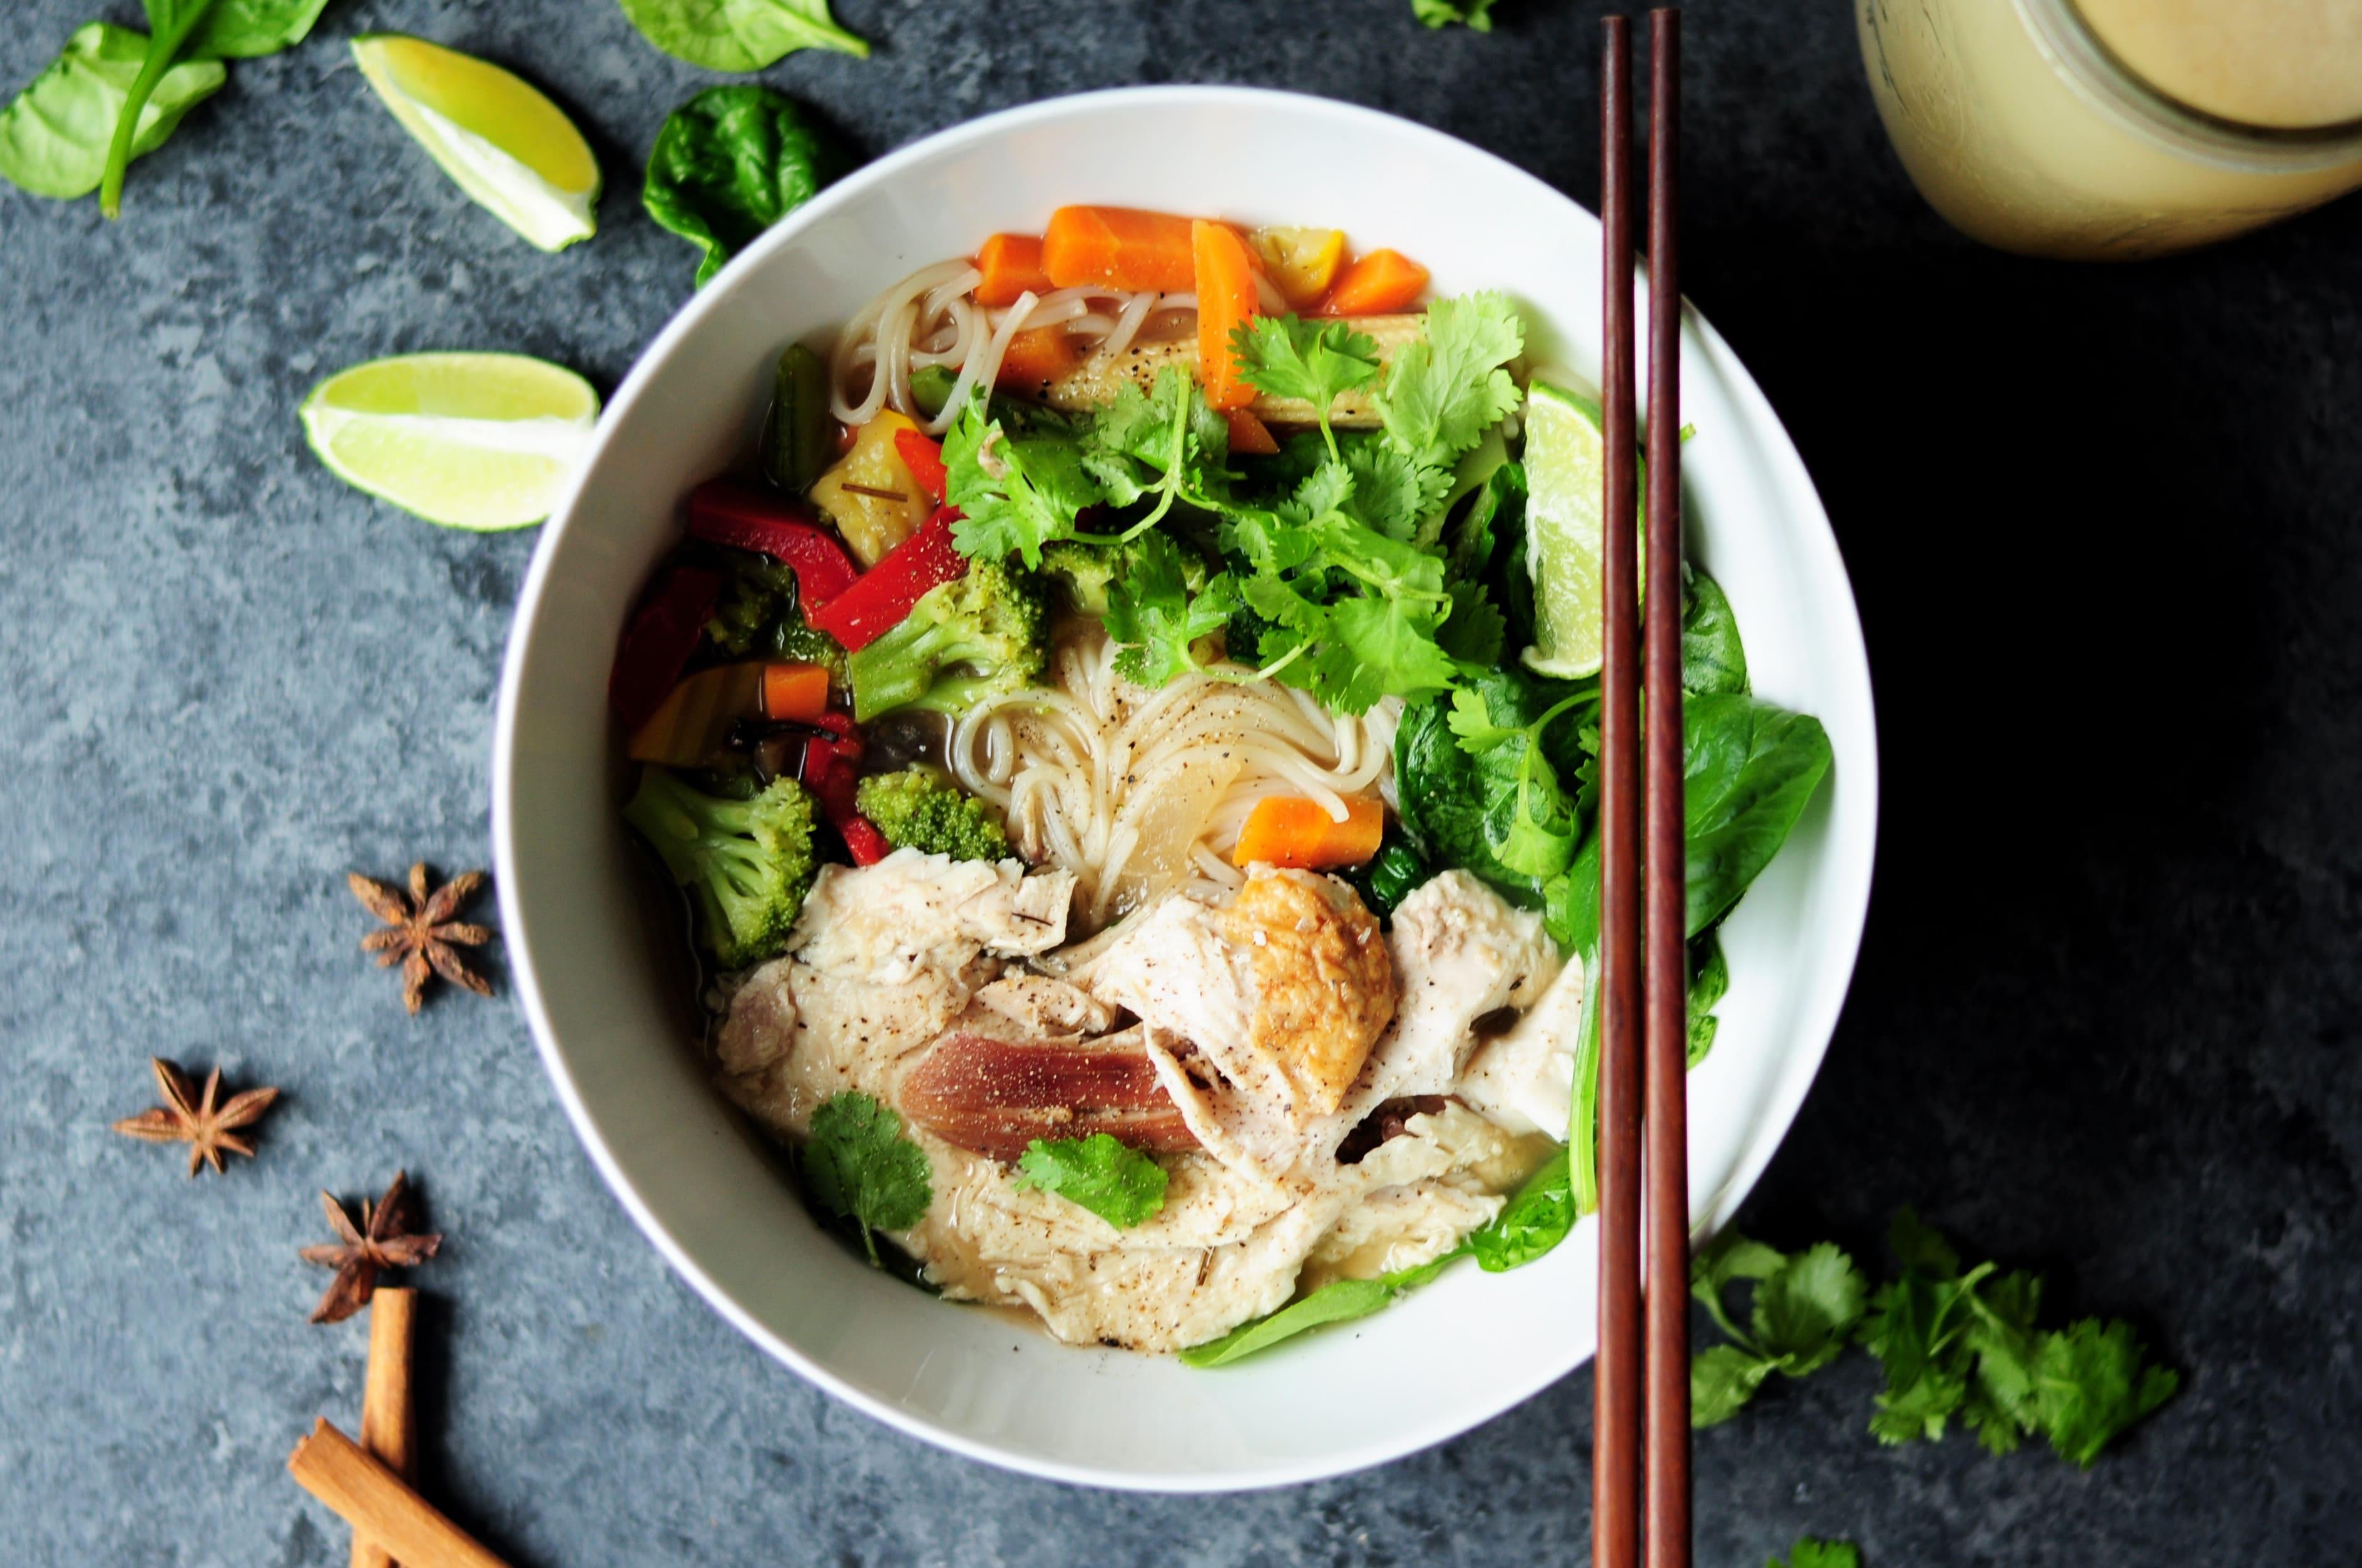 千葉県ならこのお店! 本格的な「アジアン料理」が味わえるお店4選